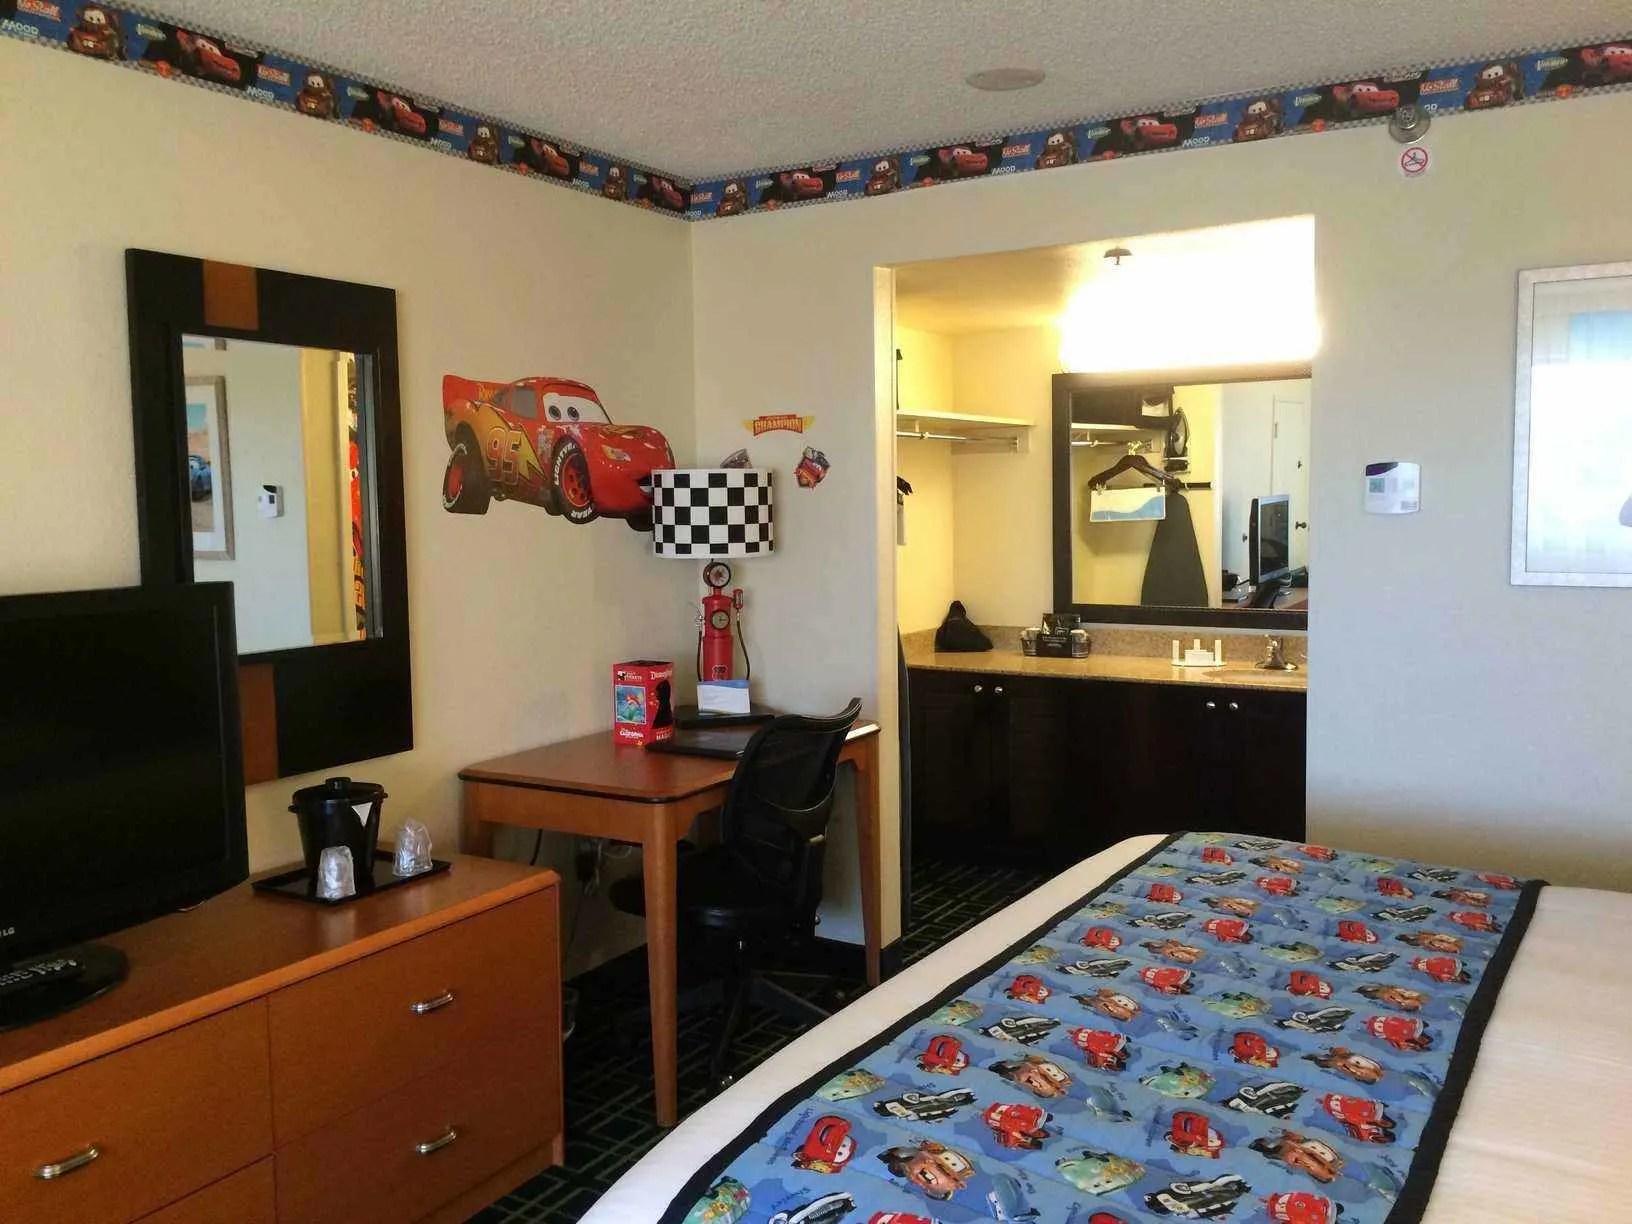 2 Bedroom Suites Near Disneyland Part - 24: 2 Bedroom Hotels Near Disneyland Ca Bed And Bath Stay Midweek .